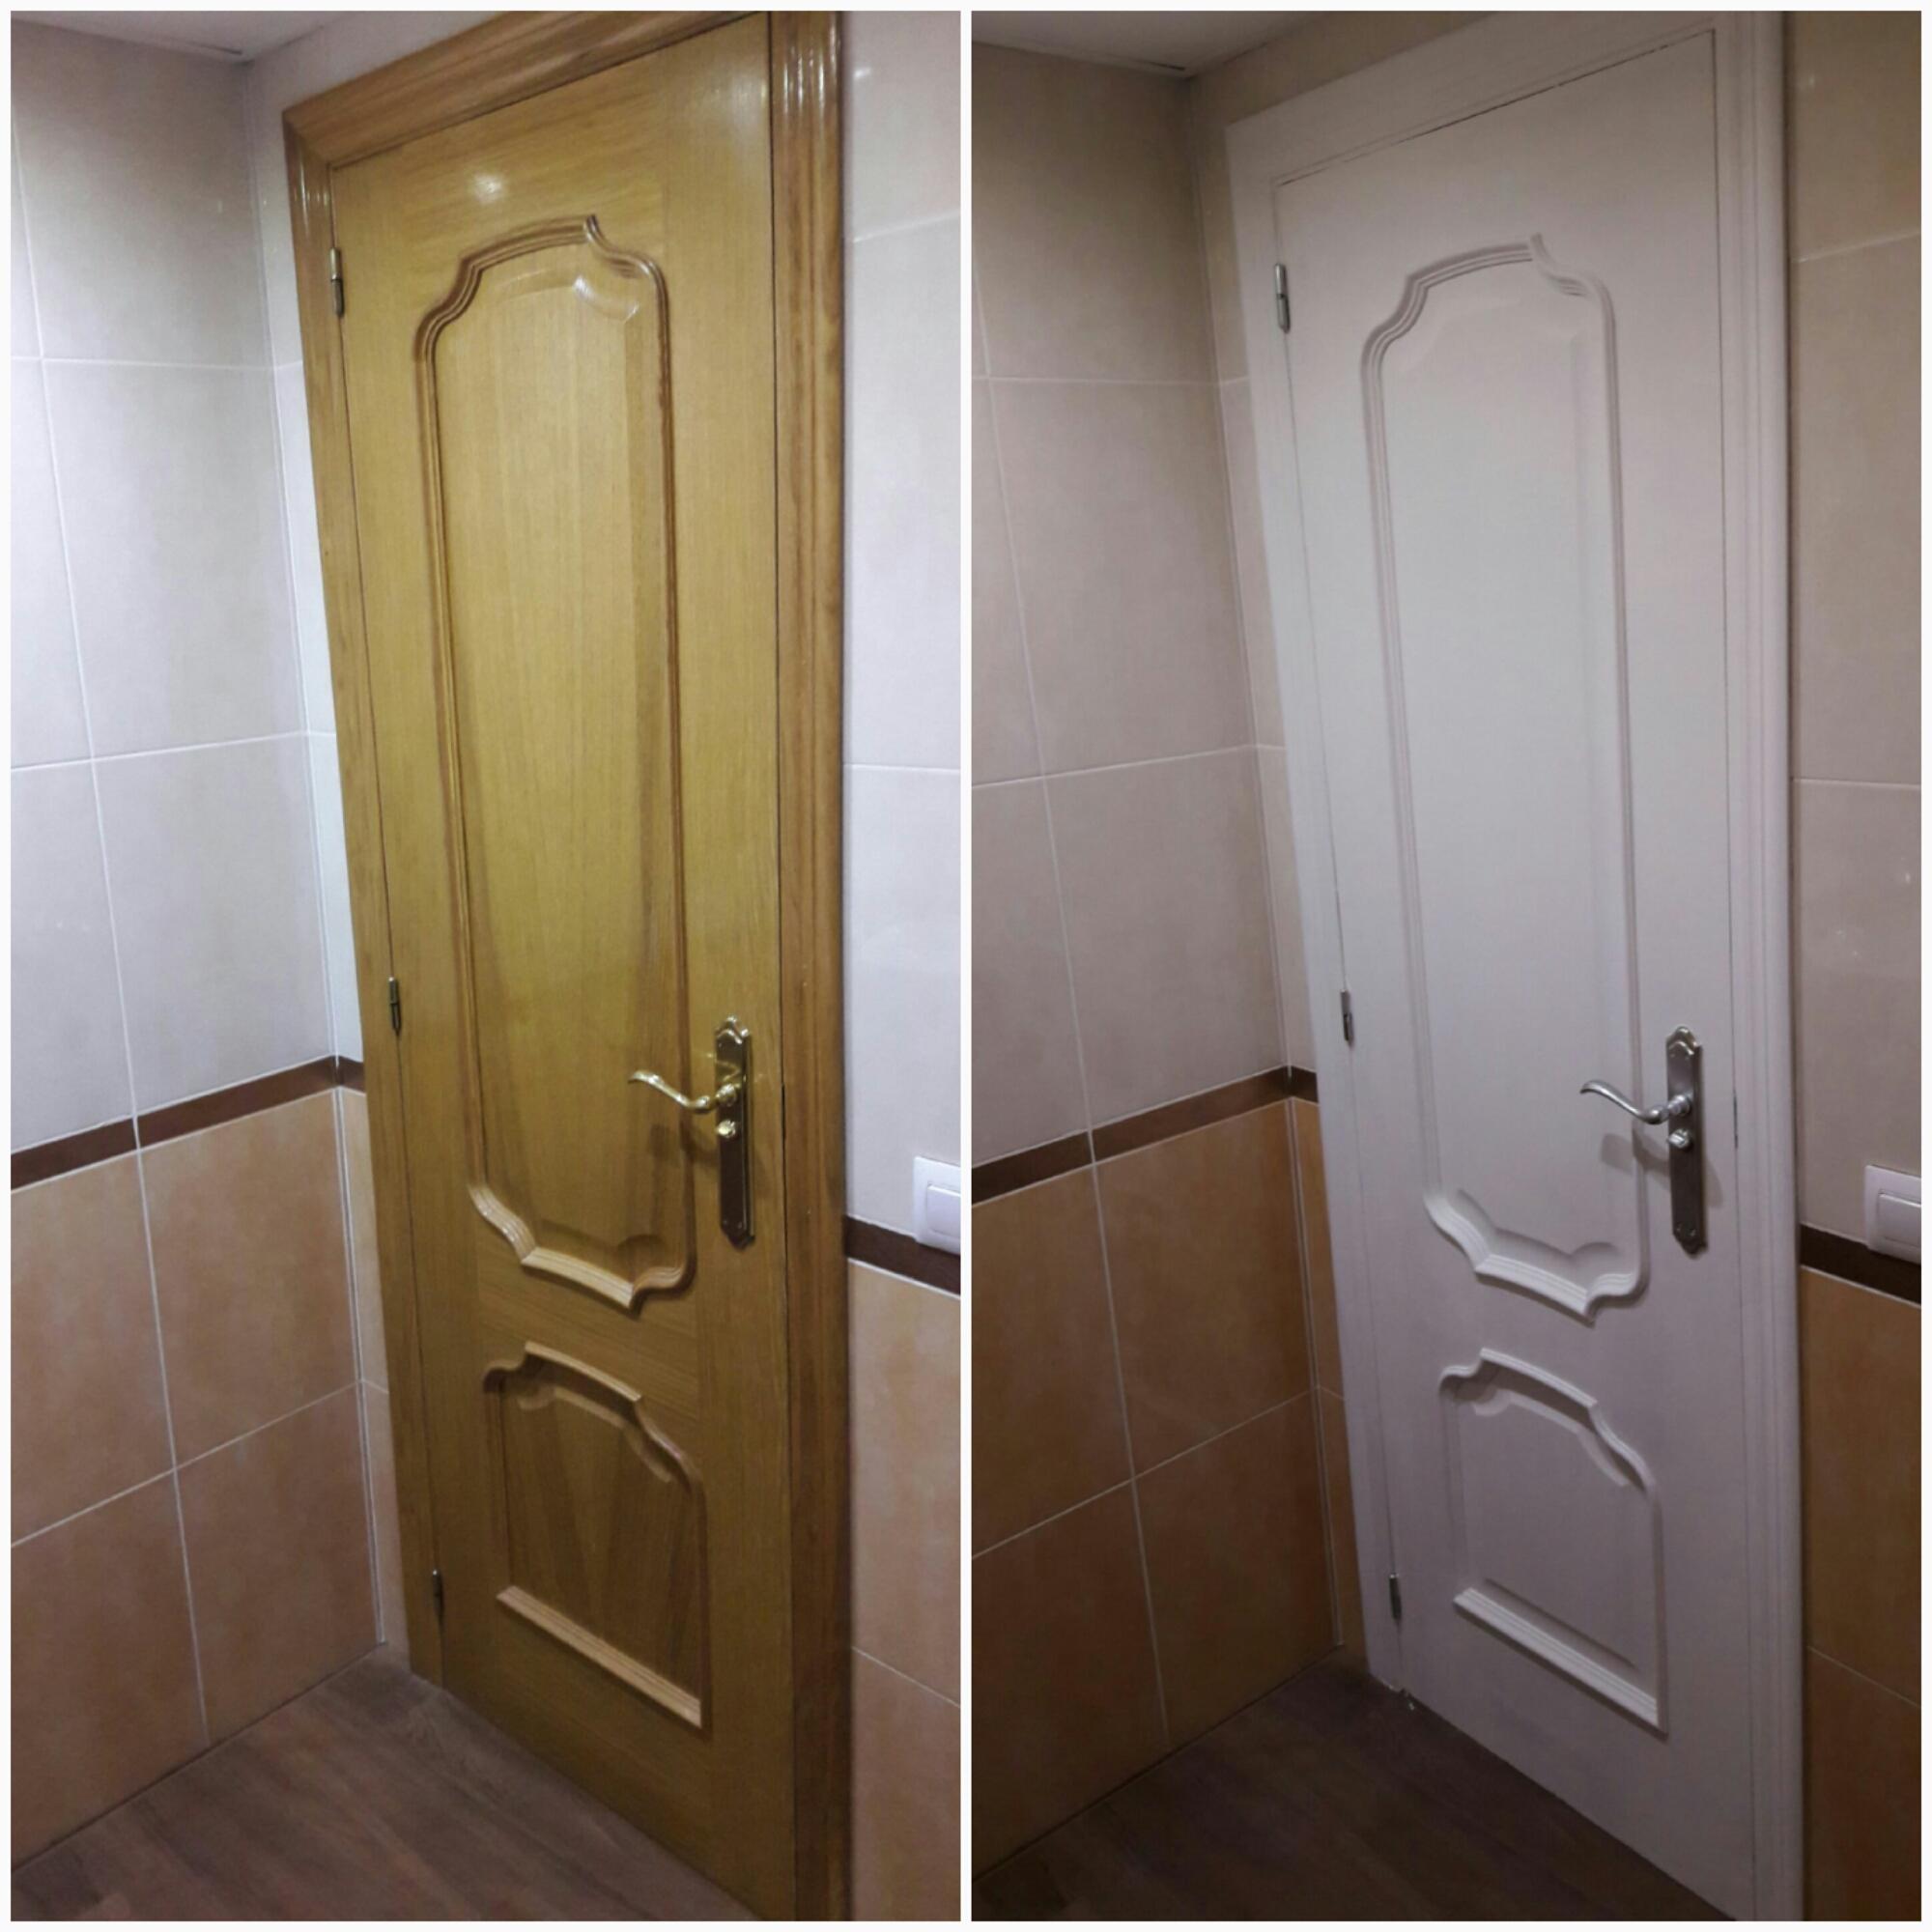 Puertas blancas el mirador de laura for Puertas macizas blancas